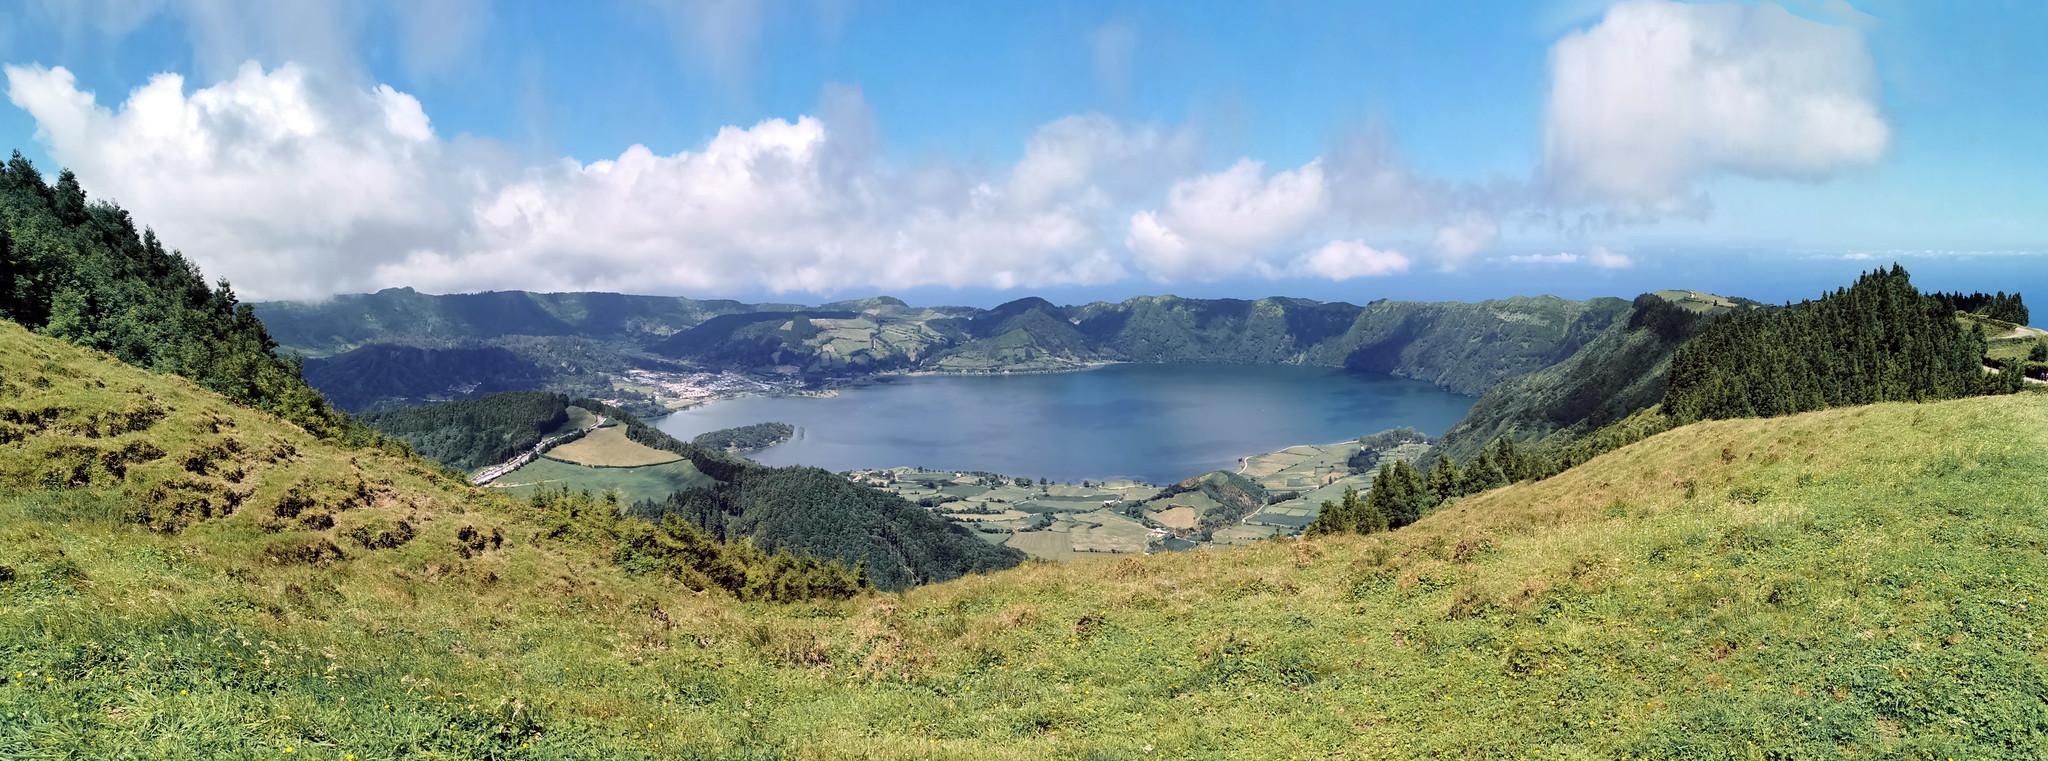 Mirador da Boca do Inferno Lagoa das Sete Cidades Lagoa Azul y Verde Serra Devassa Isla de San Miguel Azores Portugal